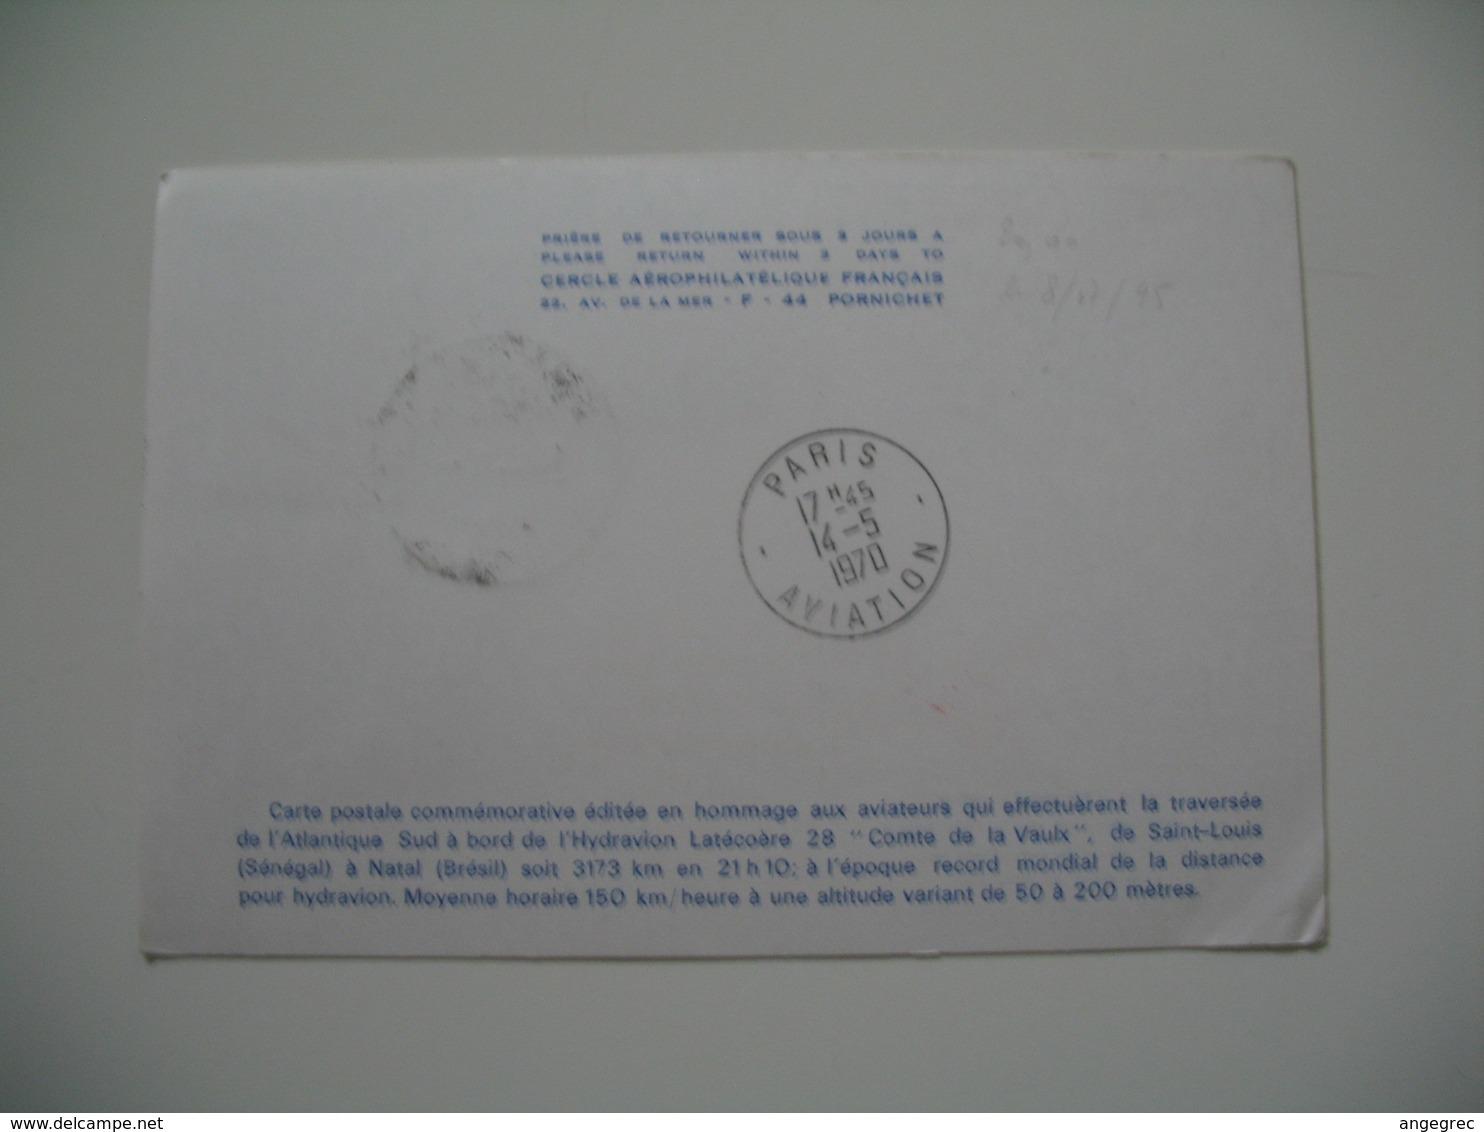 Enveloppe  Argentine  1970 - 40 éme Anniversaire De La Traversée Commerciale En Avion De L'Atlantique Sud Par Mermoz - - Argentina